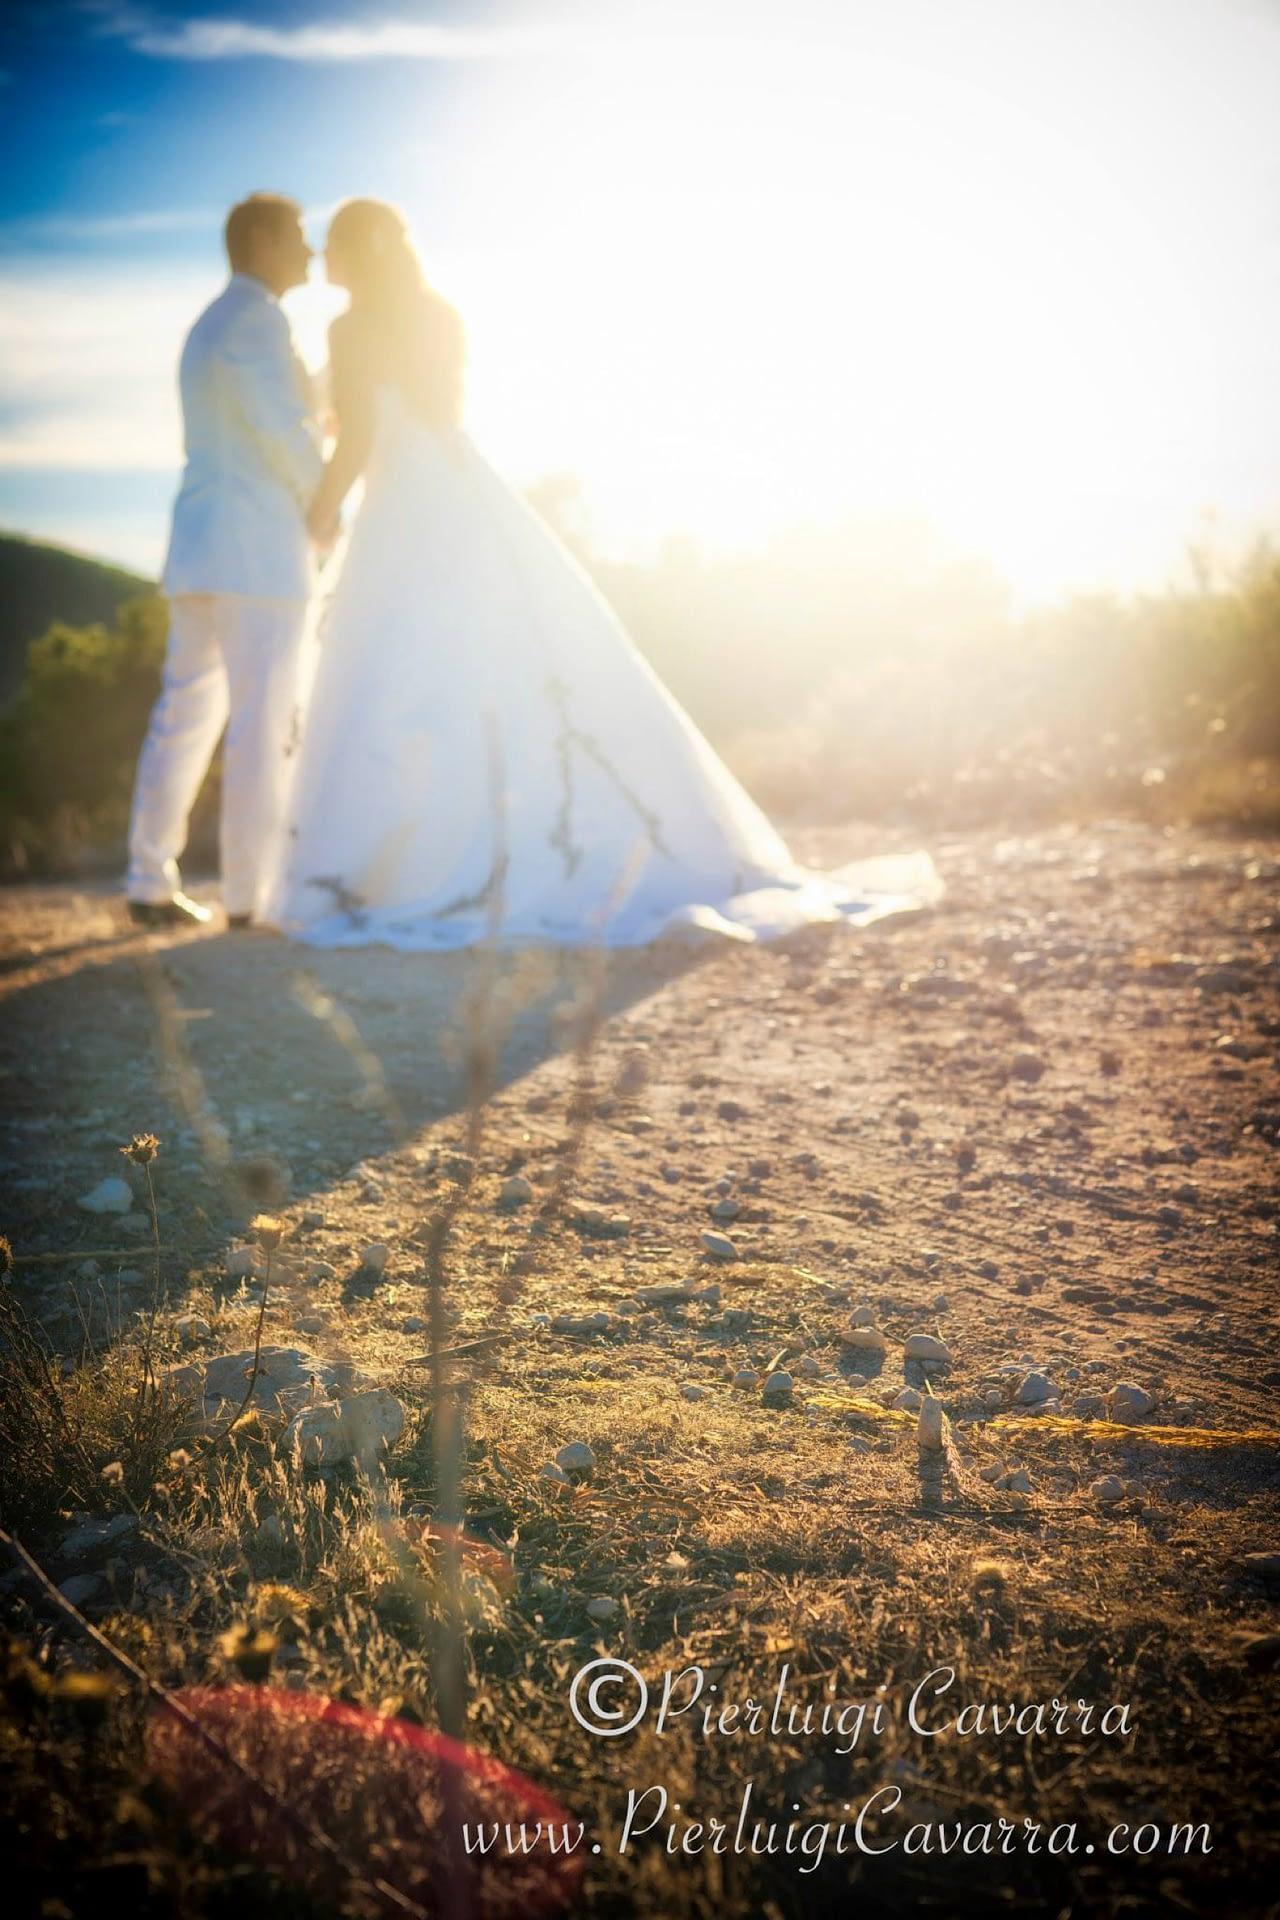 Pierluigi Cavarra - fotografo de bodas y eventos - wedding photographer costa blanca - ejemplo -26